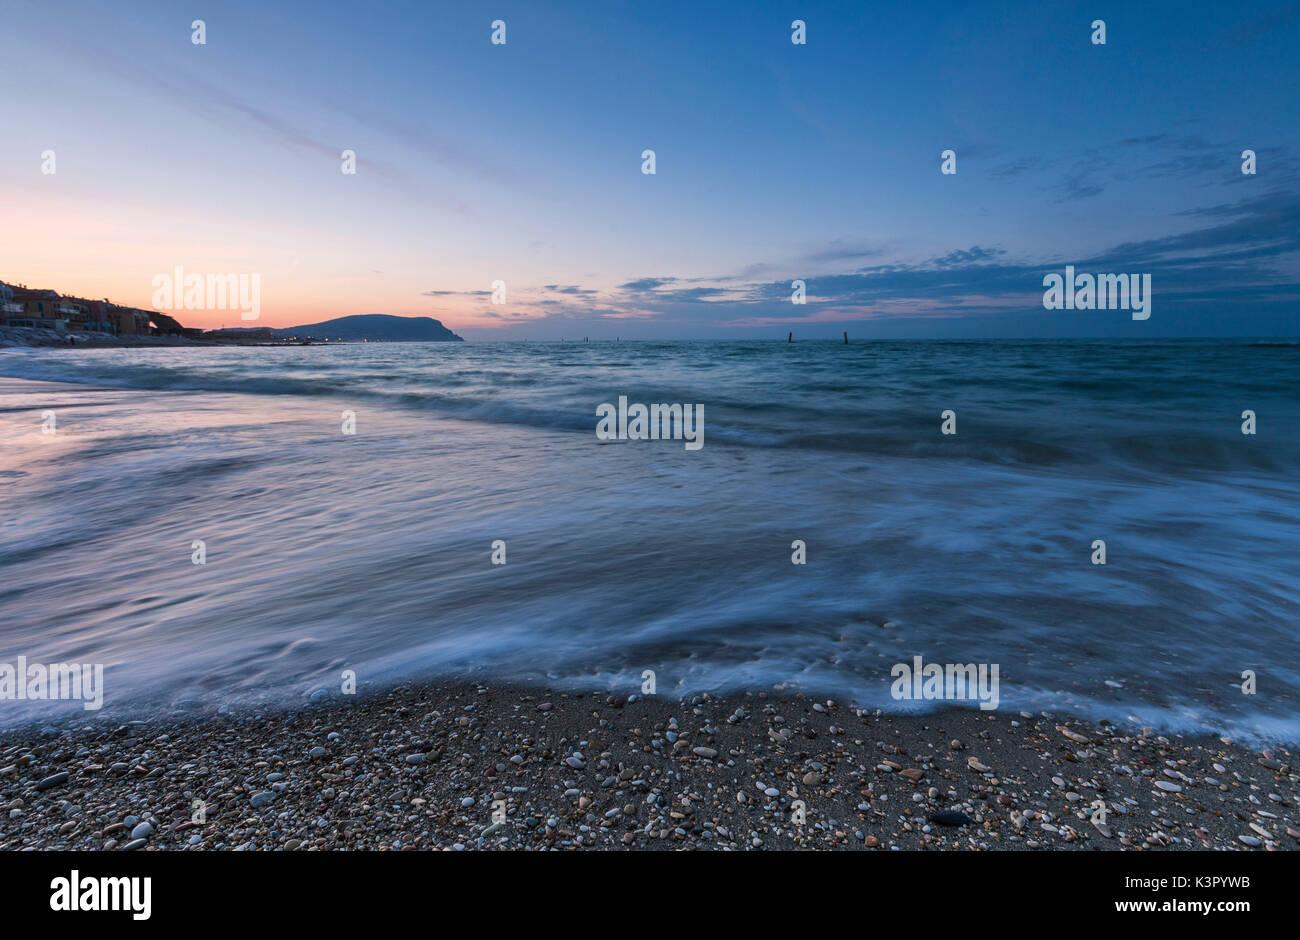 Olas rompiendo en la playa enmarcada por el azul crepúsculo Porto ...